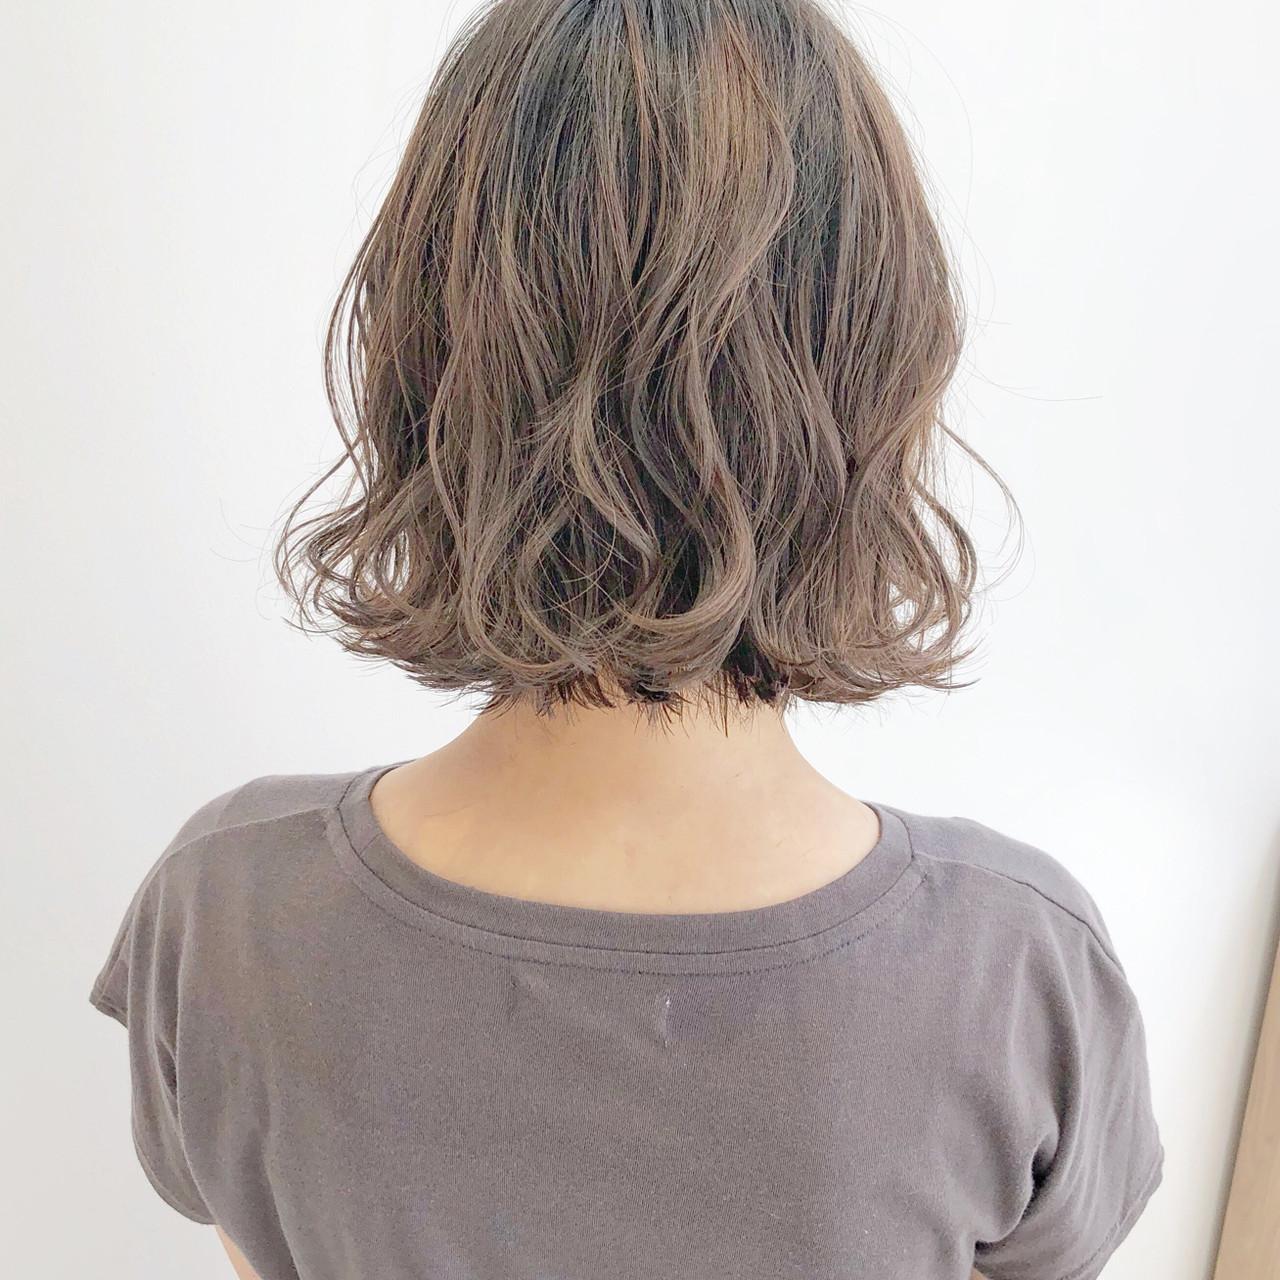 ショートヘア ボブ ベリーショート ナチュラル ヘアスタイルや髪型の写真・画像 | 『ボブ美容師』永田邦彦 表参道 / send by HAIR